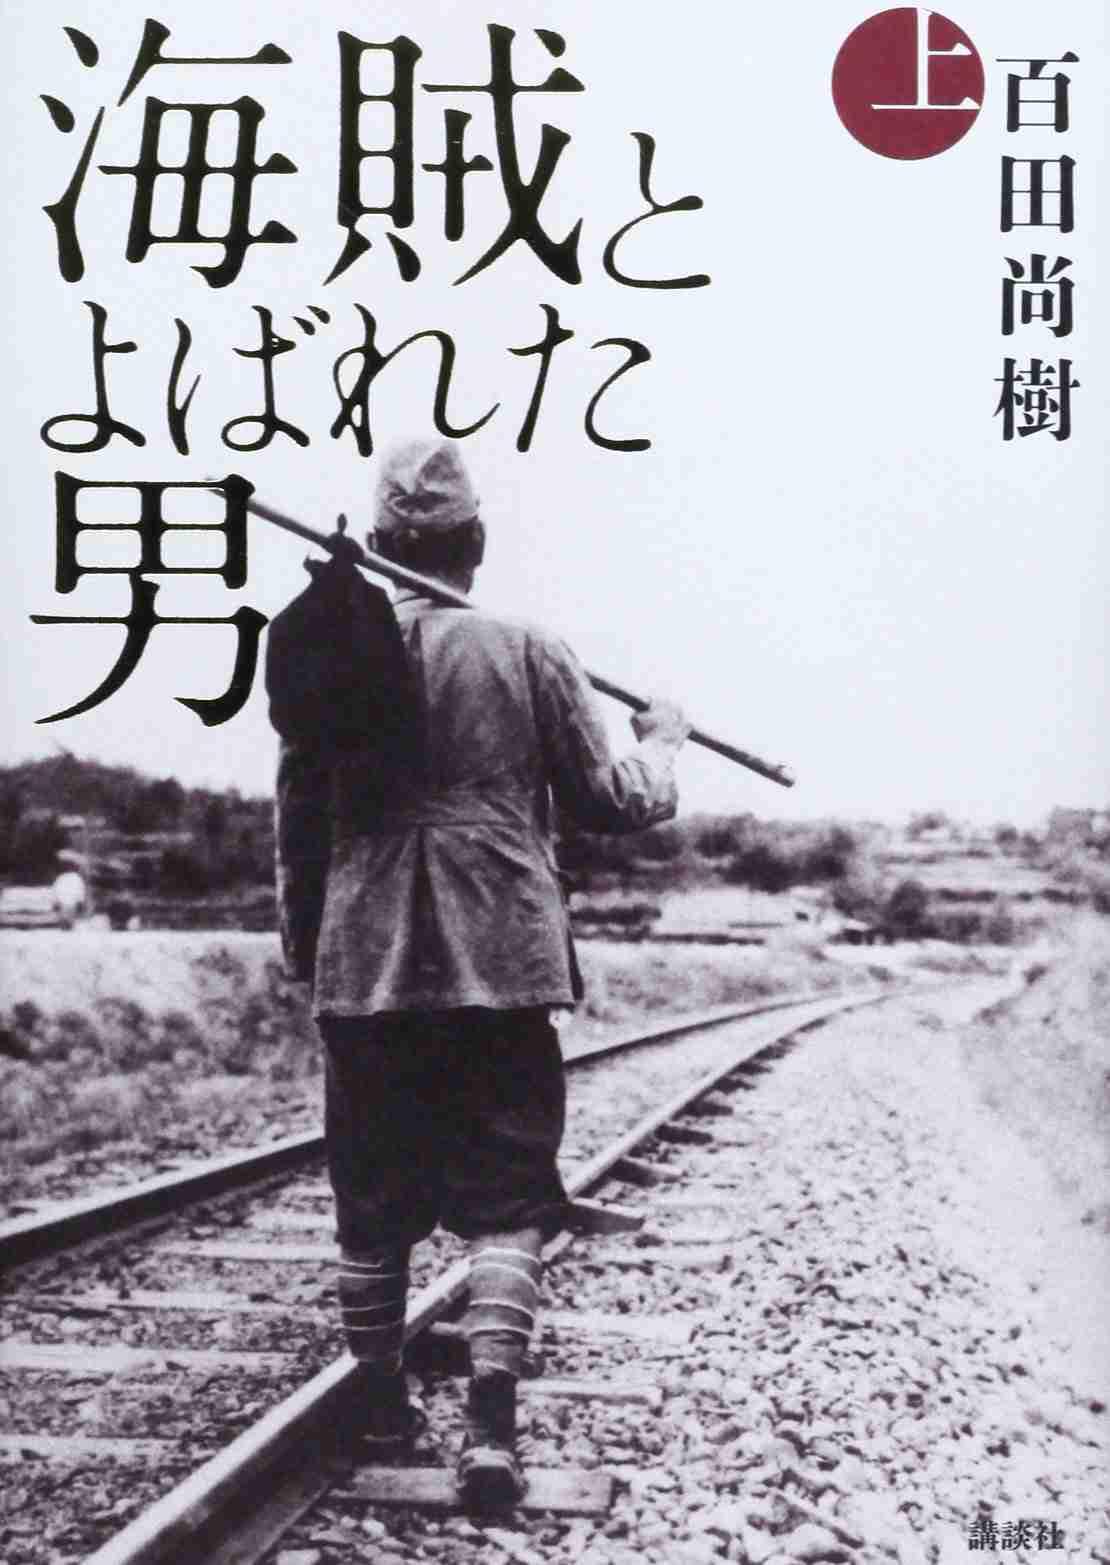 一番読まれた本屋大賞・ノミネート作品ランキング